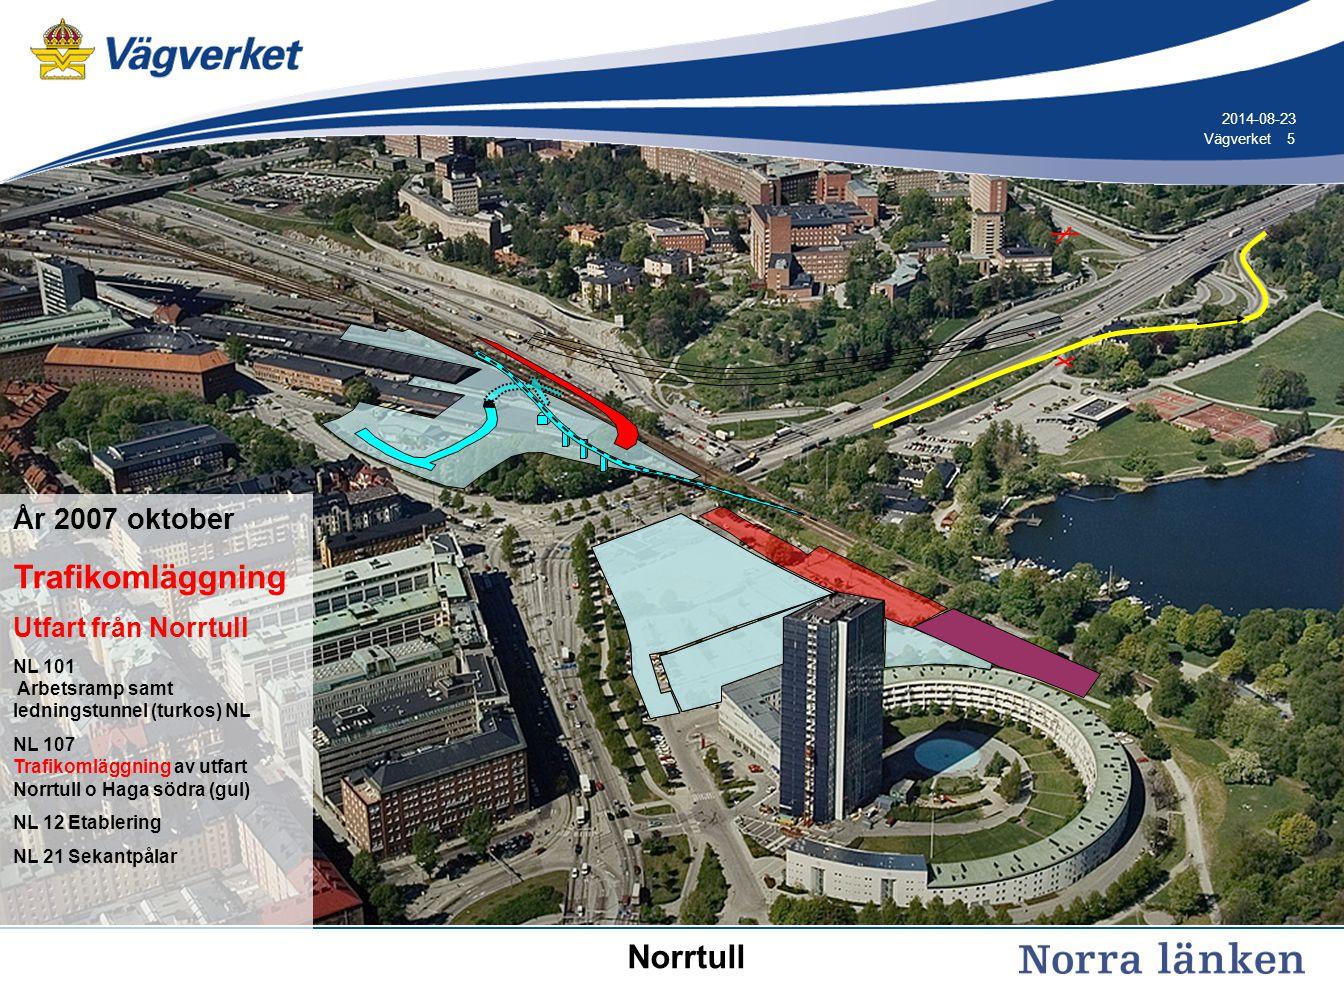 5 5Vägverket 2014-08-23 År 2007 oktober Trafikomläggning Utfart från Norrtull NL 101 Arbetsramp samt ledningstunnel (turkos) NL NL 107 Trafikomläggnin